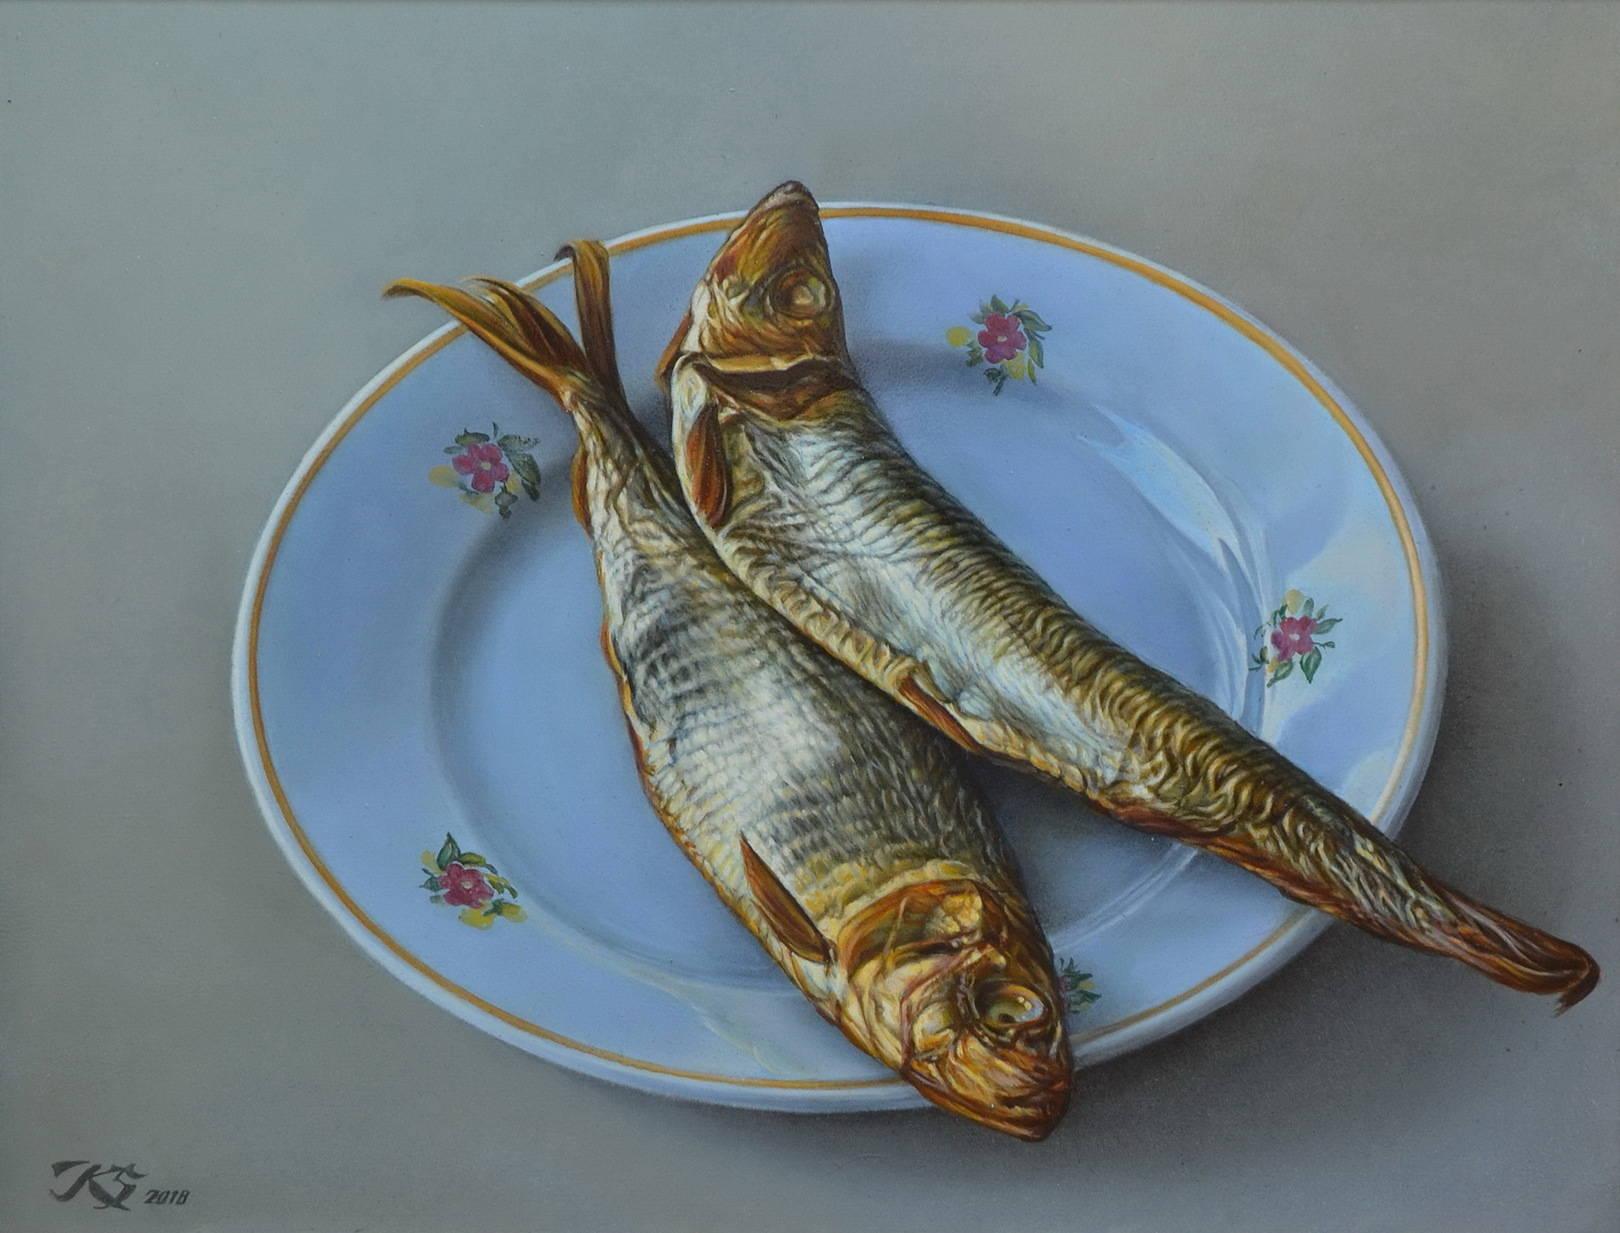 Рыба. Парный портрет. 30х40. Кожа, масло